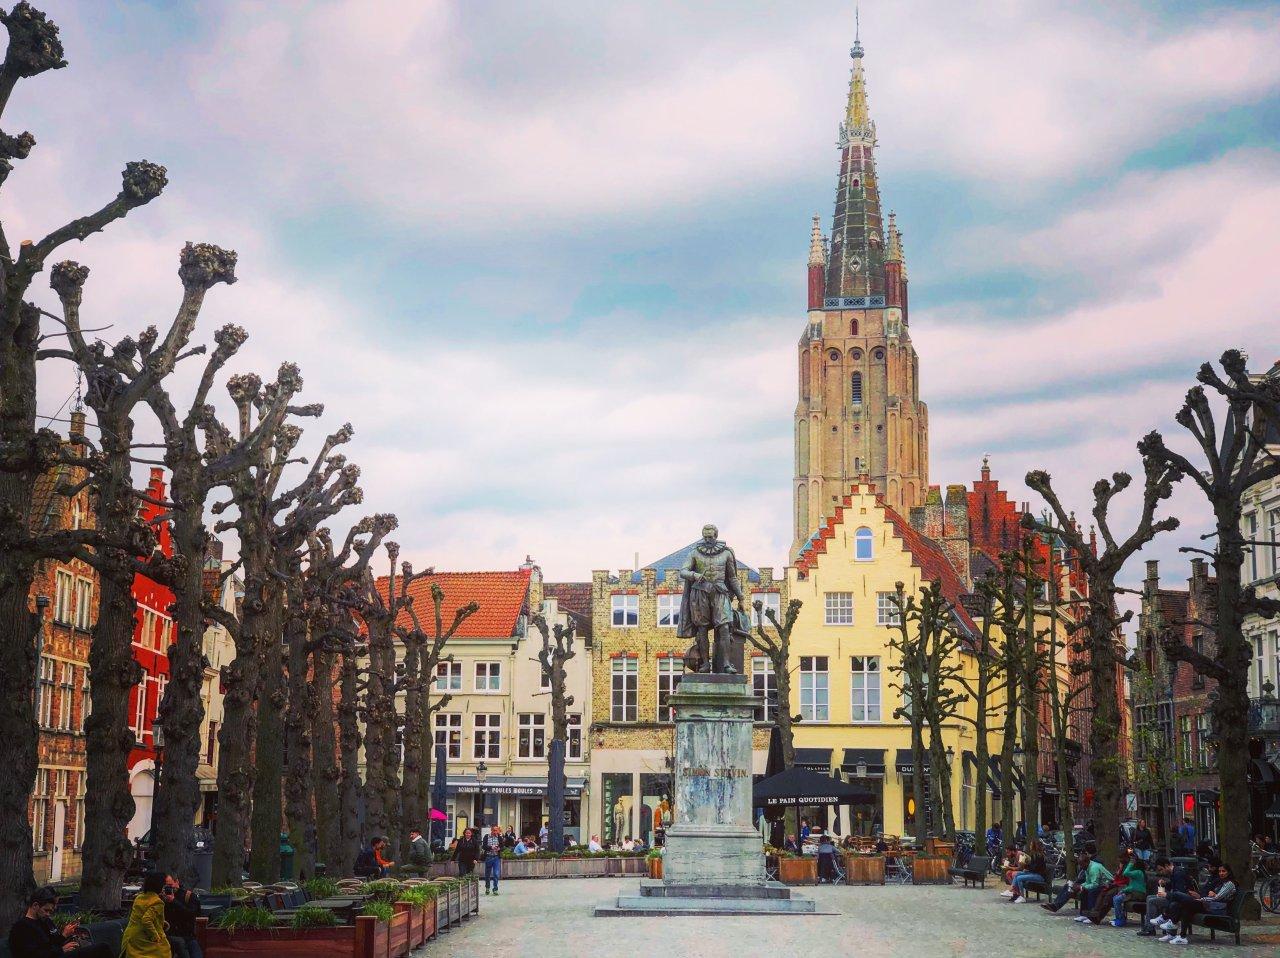 跟着电影去旅行 | 如果你看过《杀手没有假期》, 你会记得布鲁日, 这座比利时中世纪童话之城